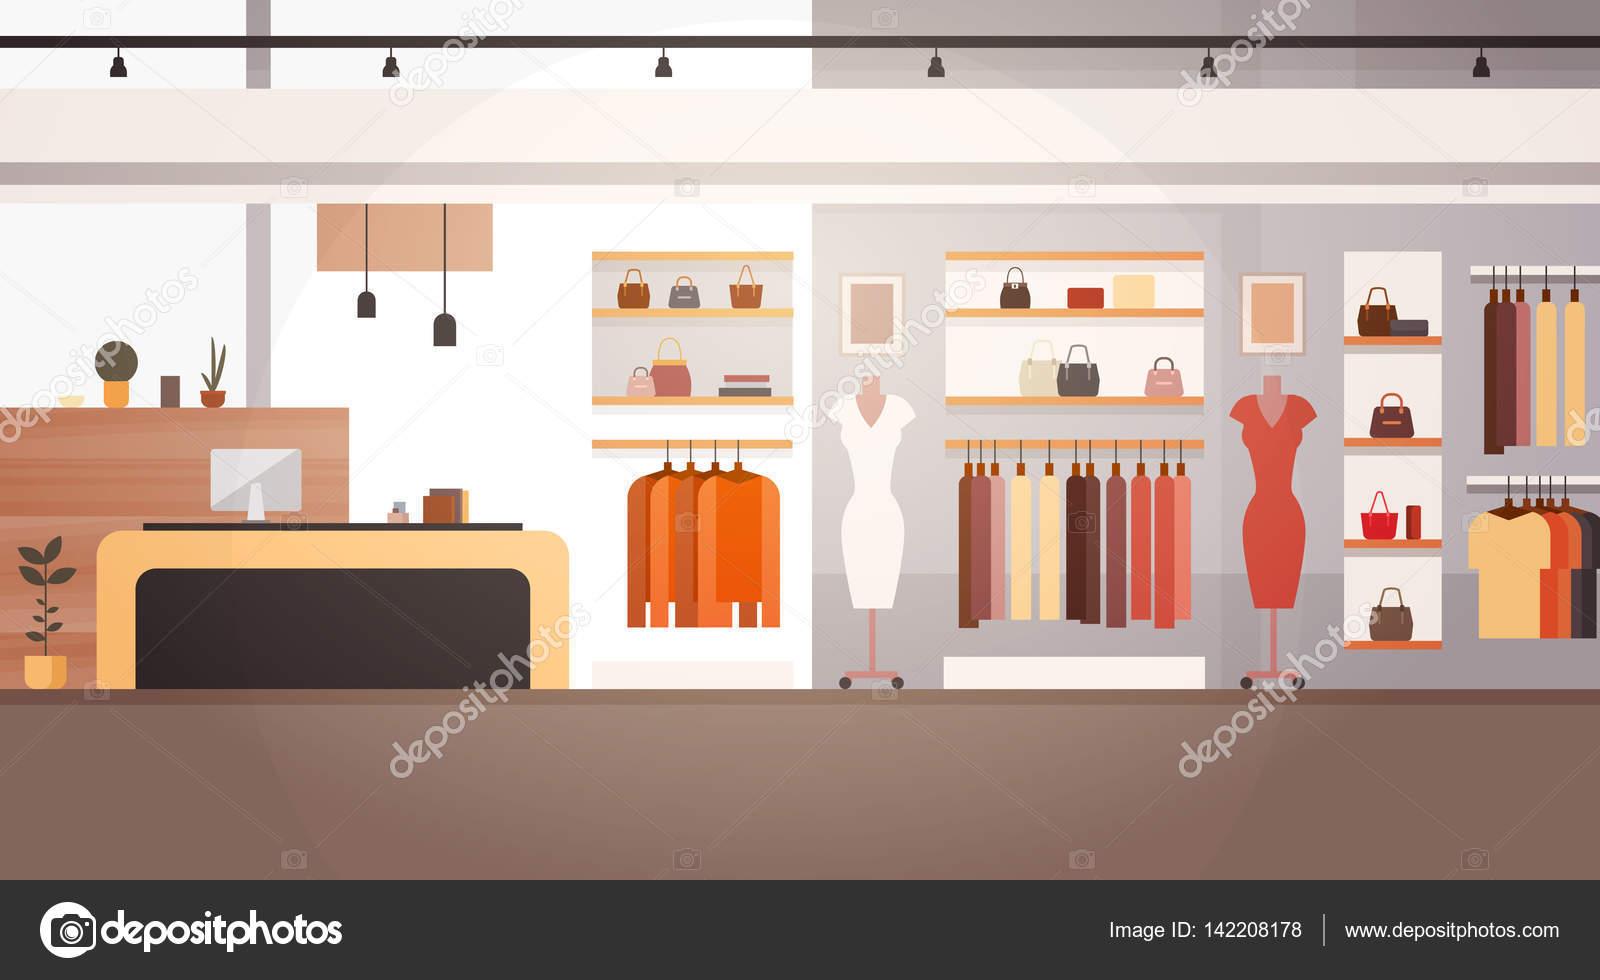 dcaf7d96b880 Moda grande loja Super mercado roupa feminina centro comercial Interior  Banner com cópia espaço — Vetores